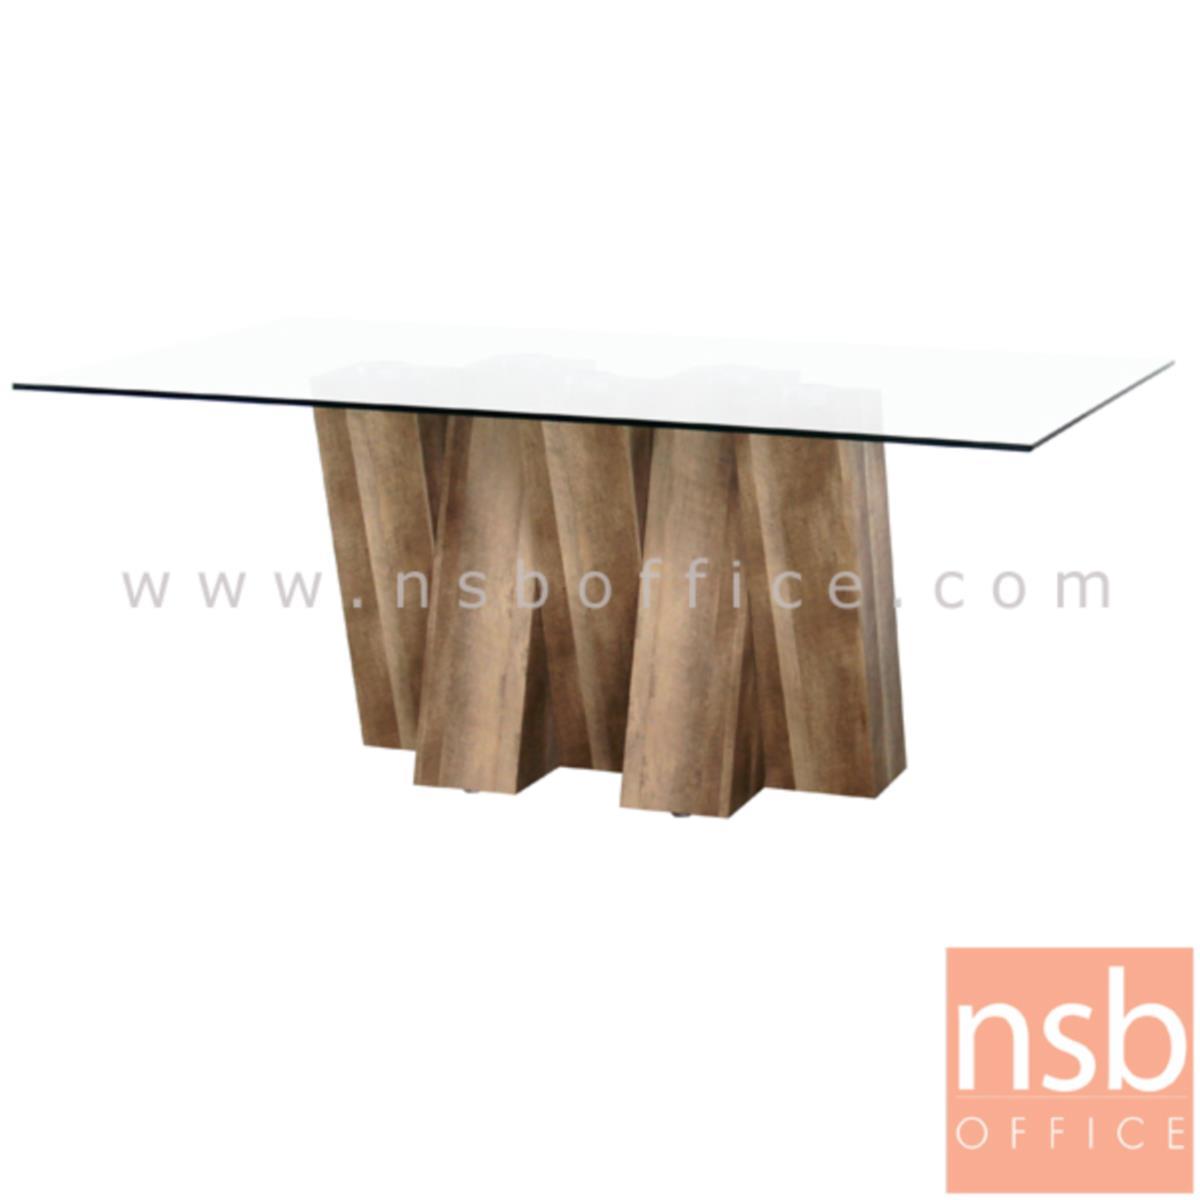 A09A124:โต๊ะประชุมเหลี่ยมหน้ากระจก รุ่น Webbe (เว็บบ์) ขนาด 180W cm.  ขากล่องไม้ MDF